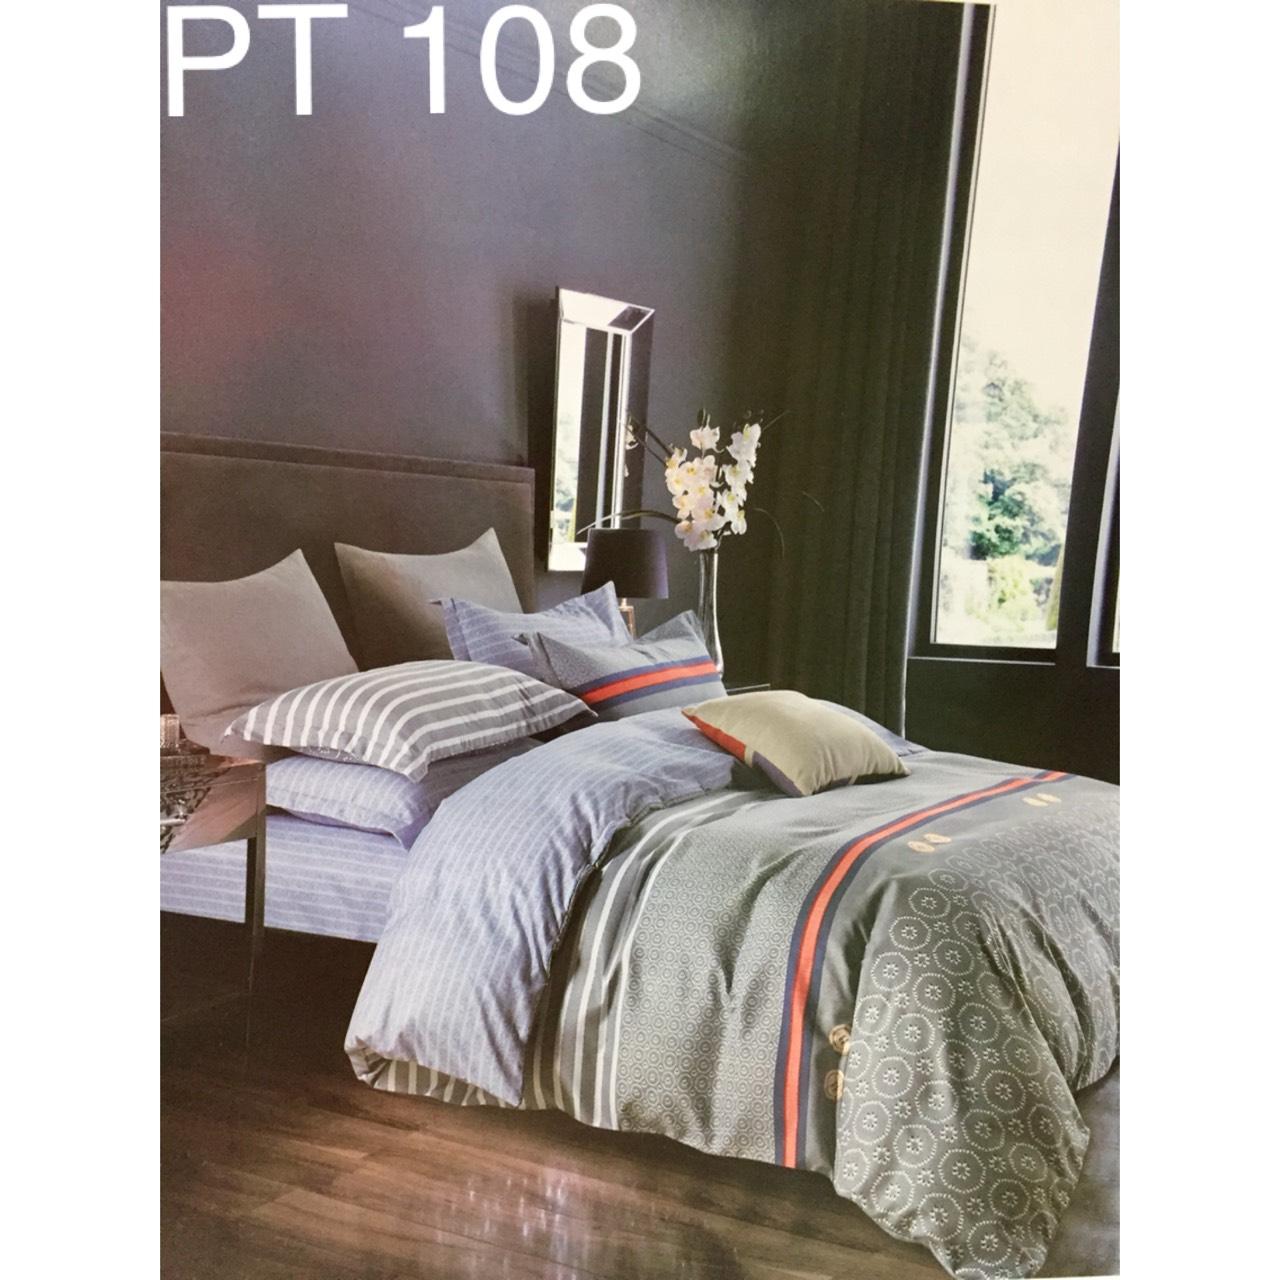 Bộ Chăn Ga Phủ Cotton Hàn Quốc - PT108